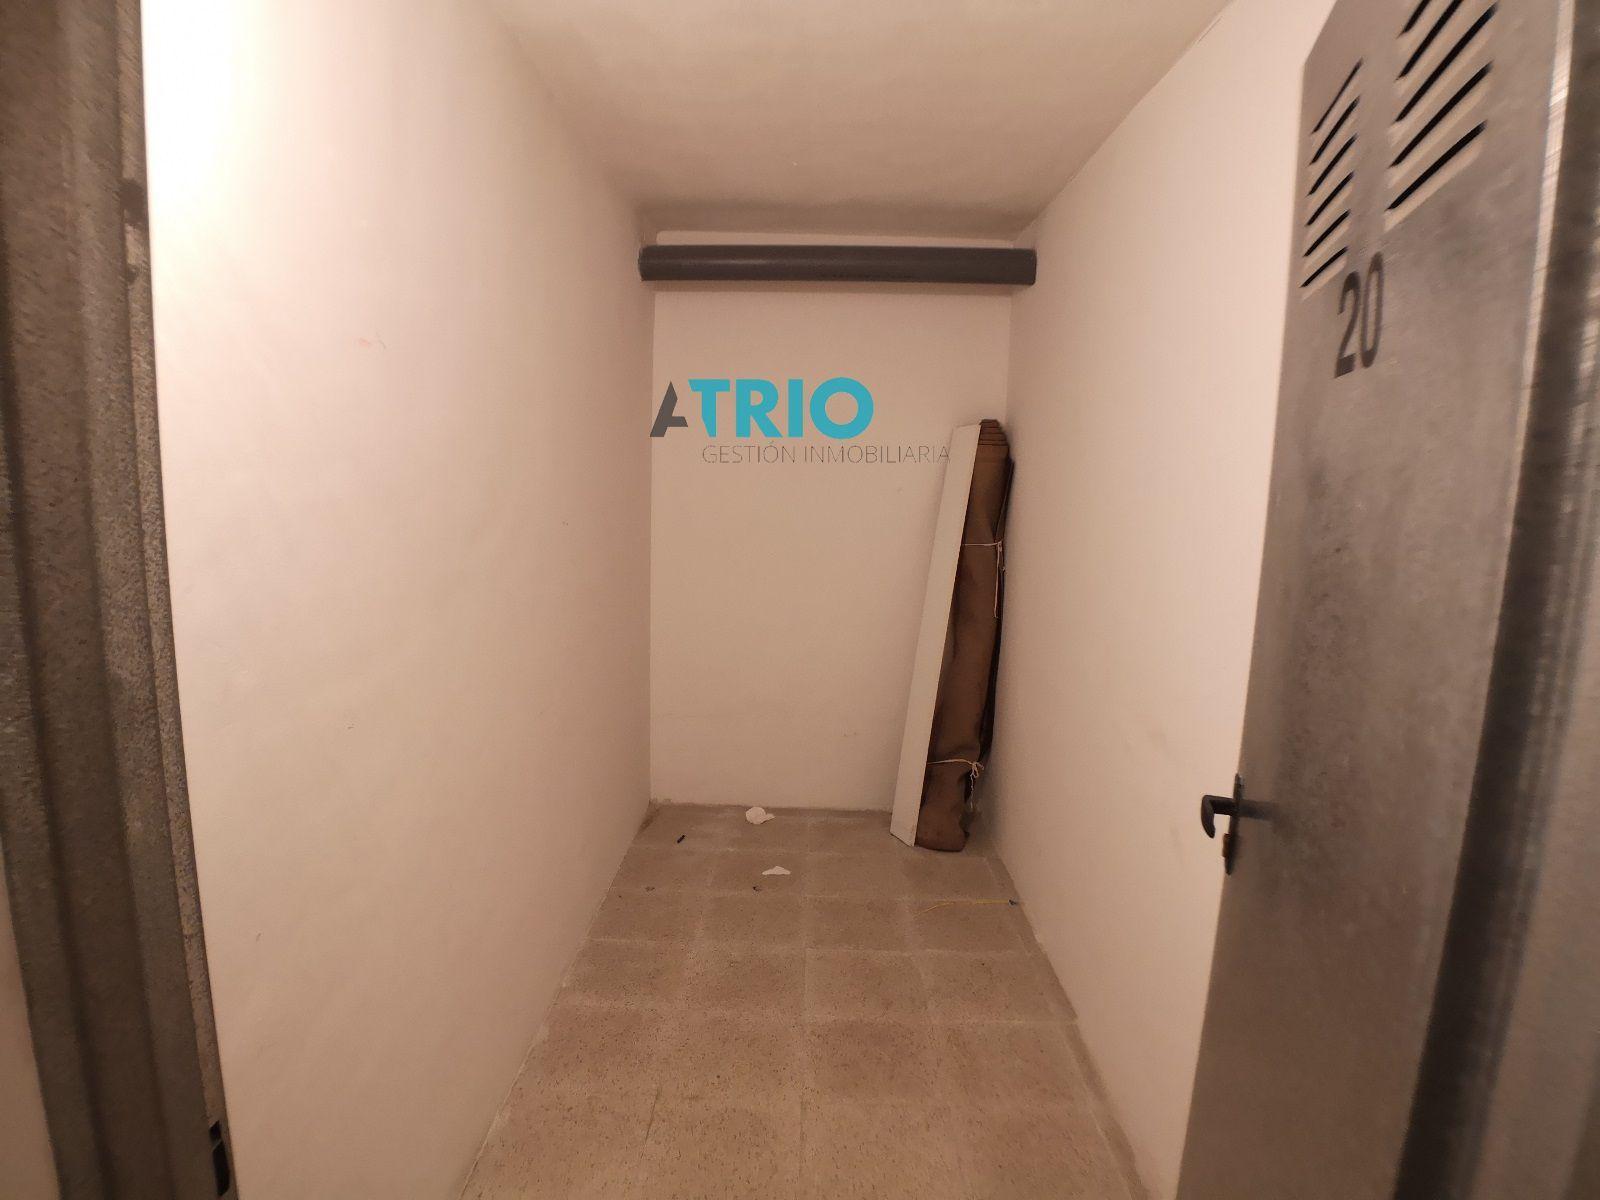 dia.mobiliagestion.es/Portals/inmoatrio/Images/7130/5592512